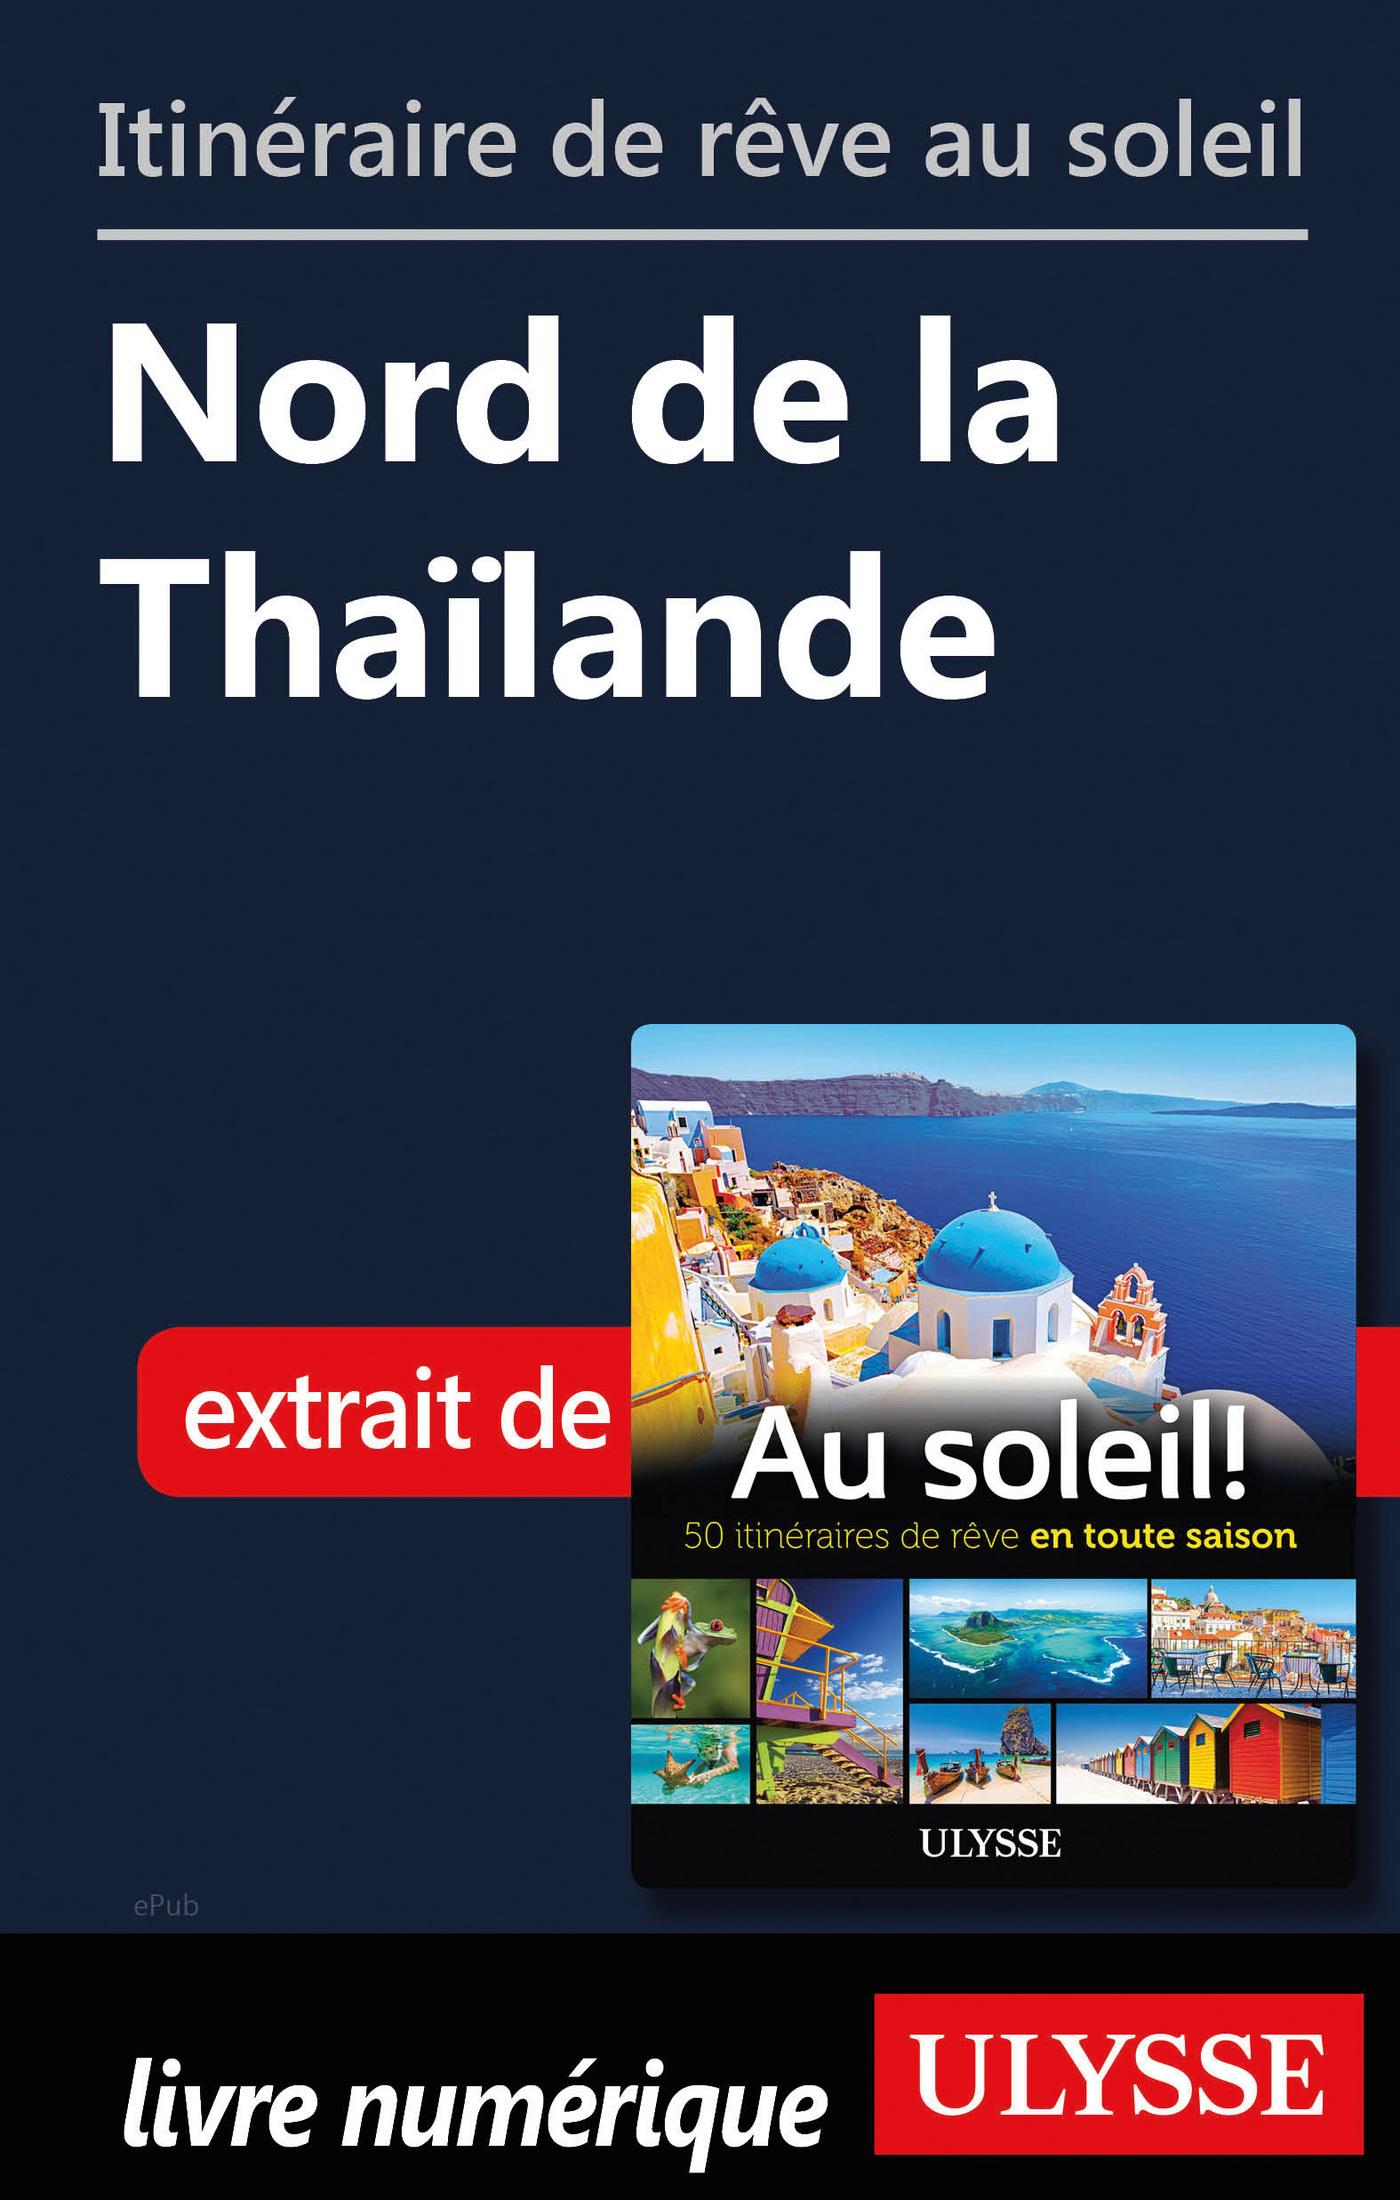 Itinéraire de rêve au soleil - Nord de la Thaïlande